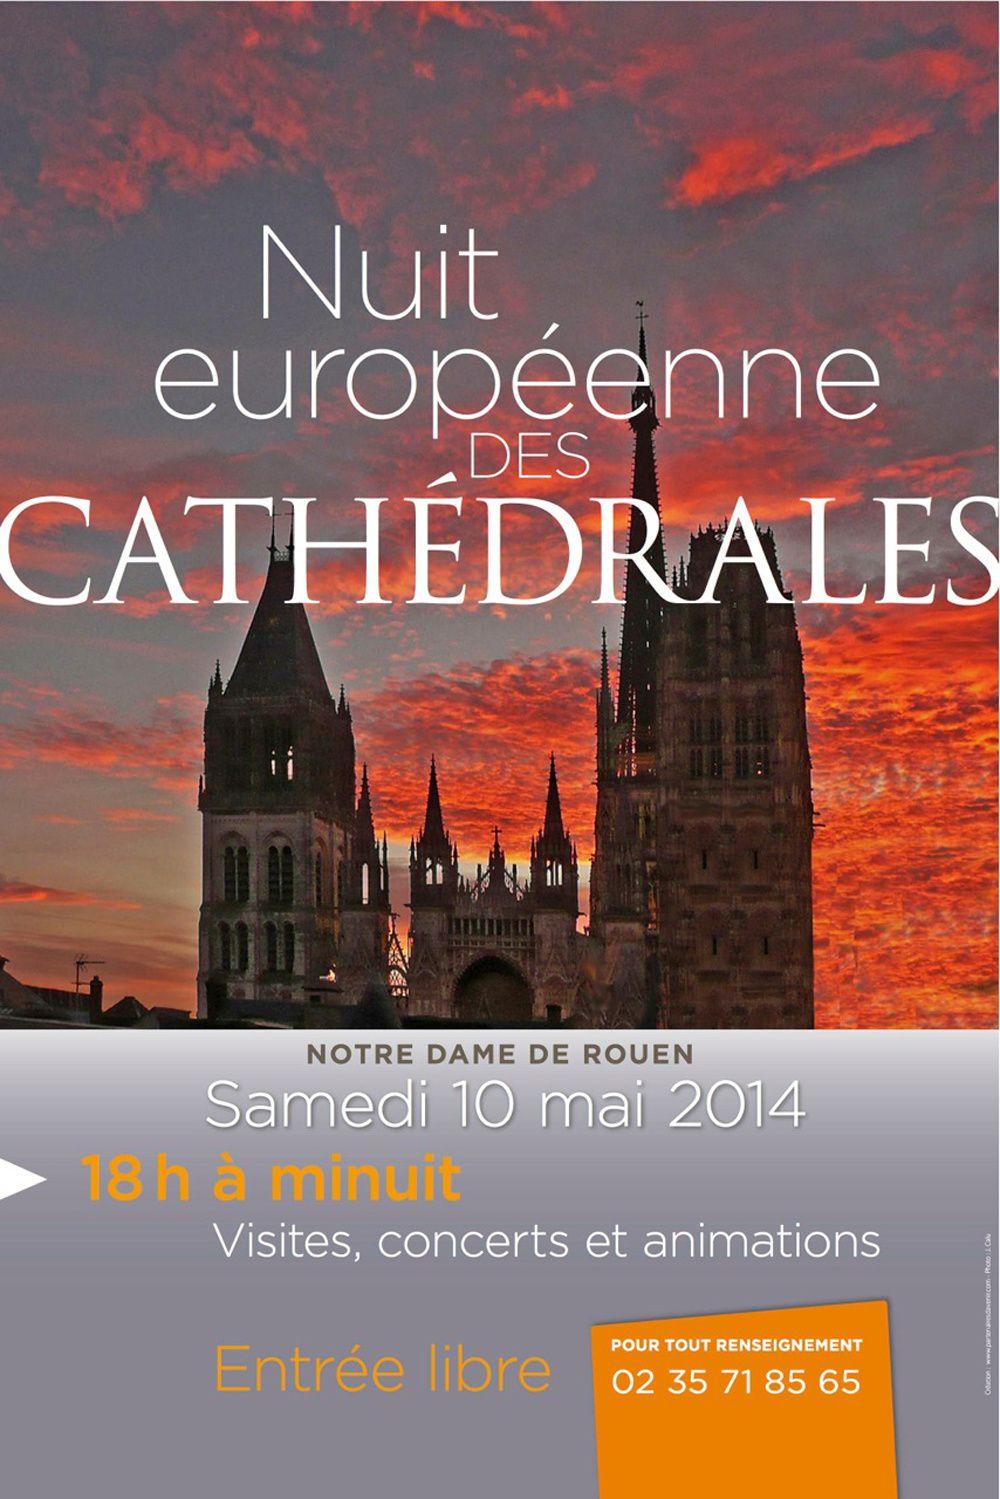 10 mai, Nuit européenne des cathédrales